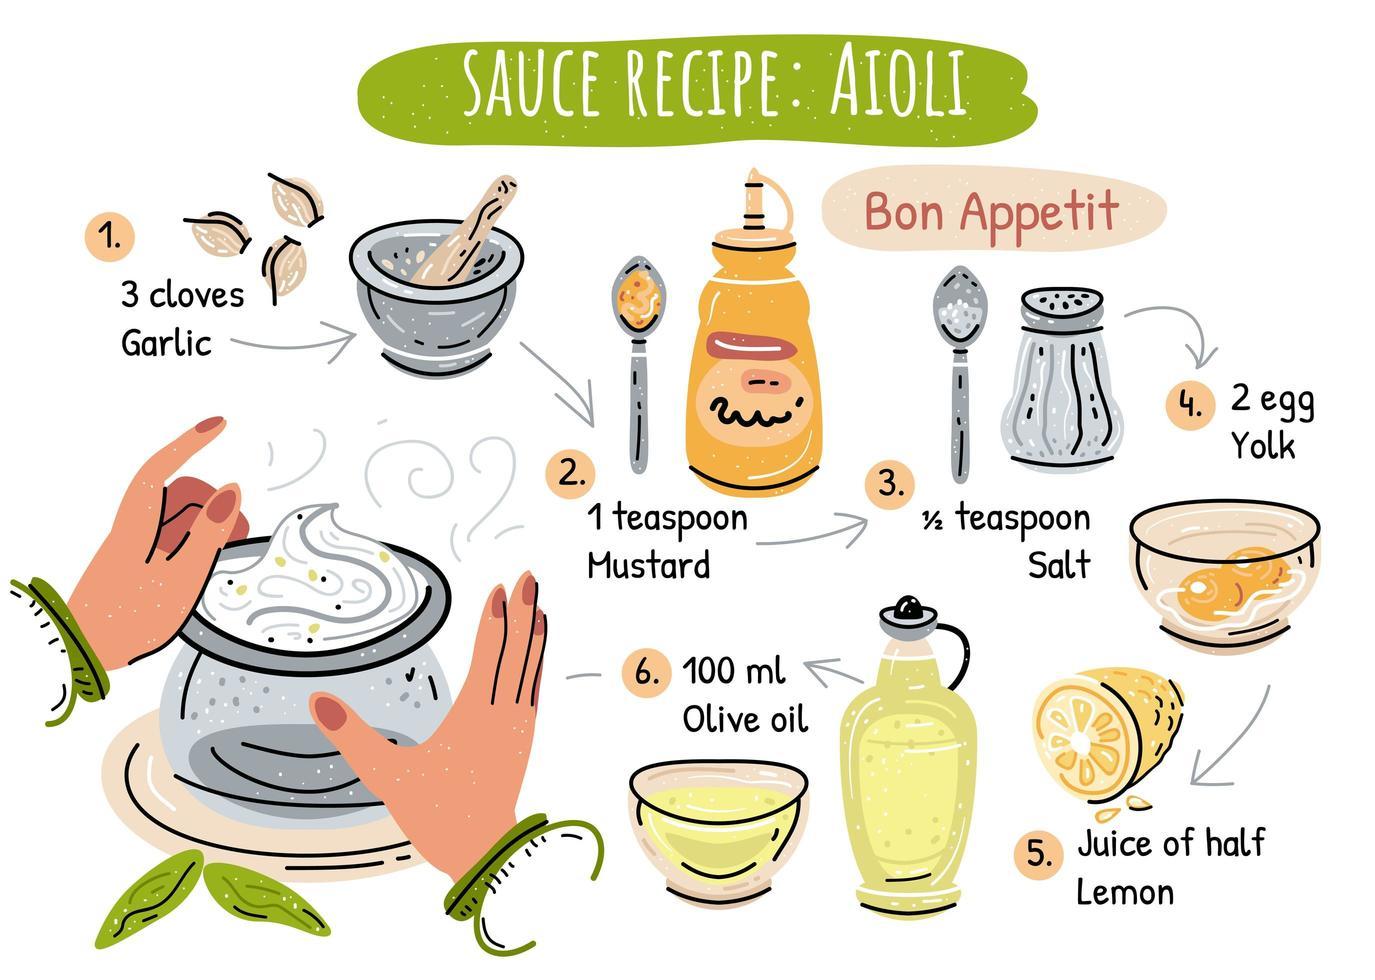 Basic classic Aioli sauce recipe illustration in vector